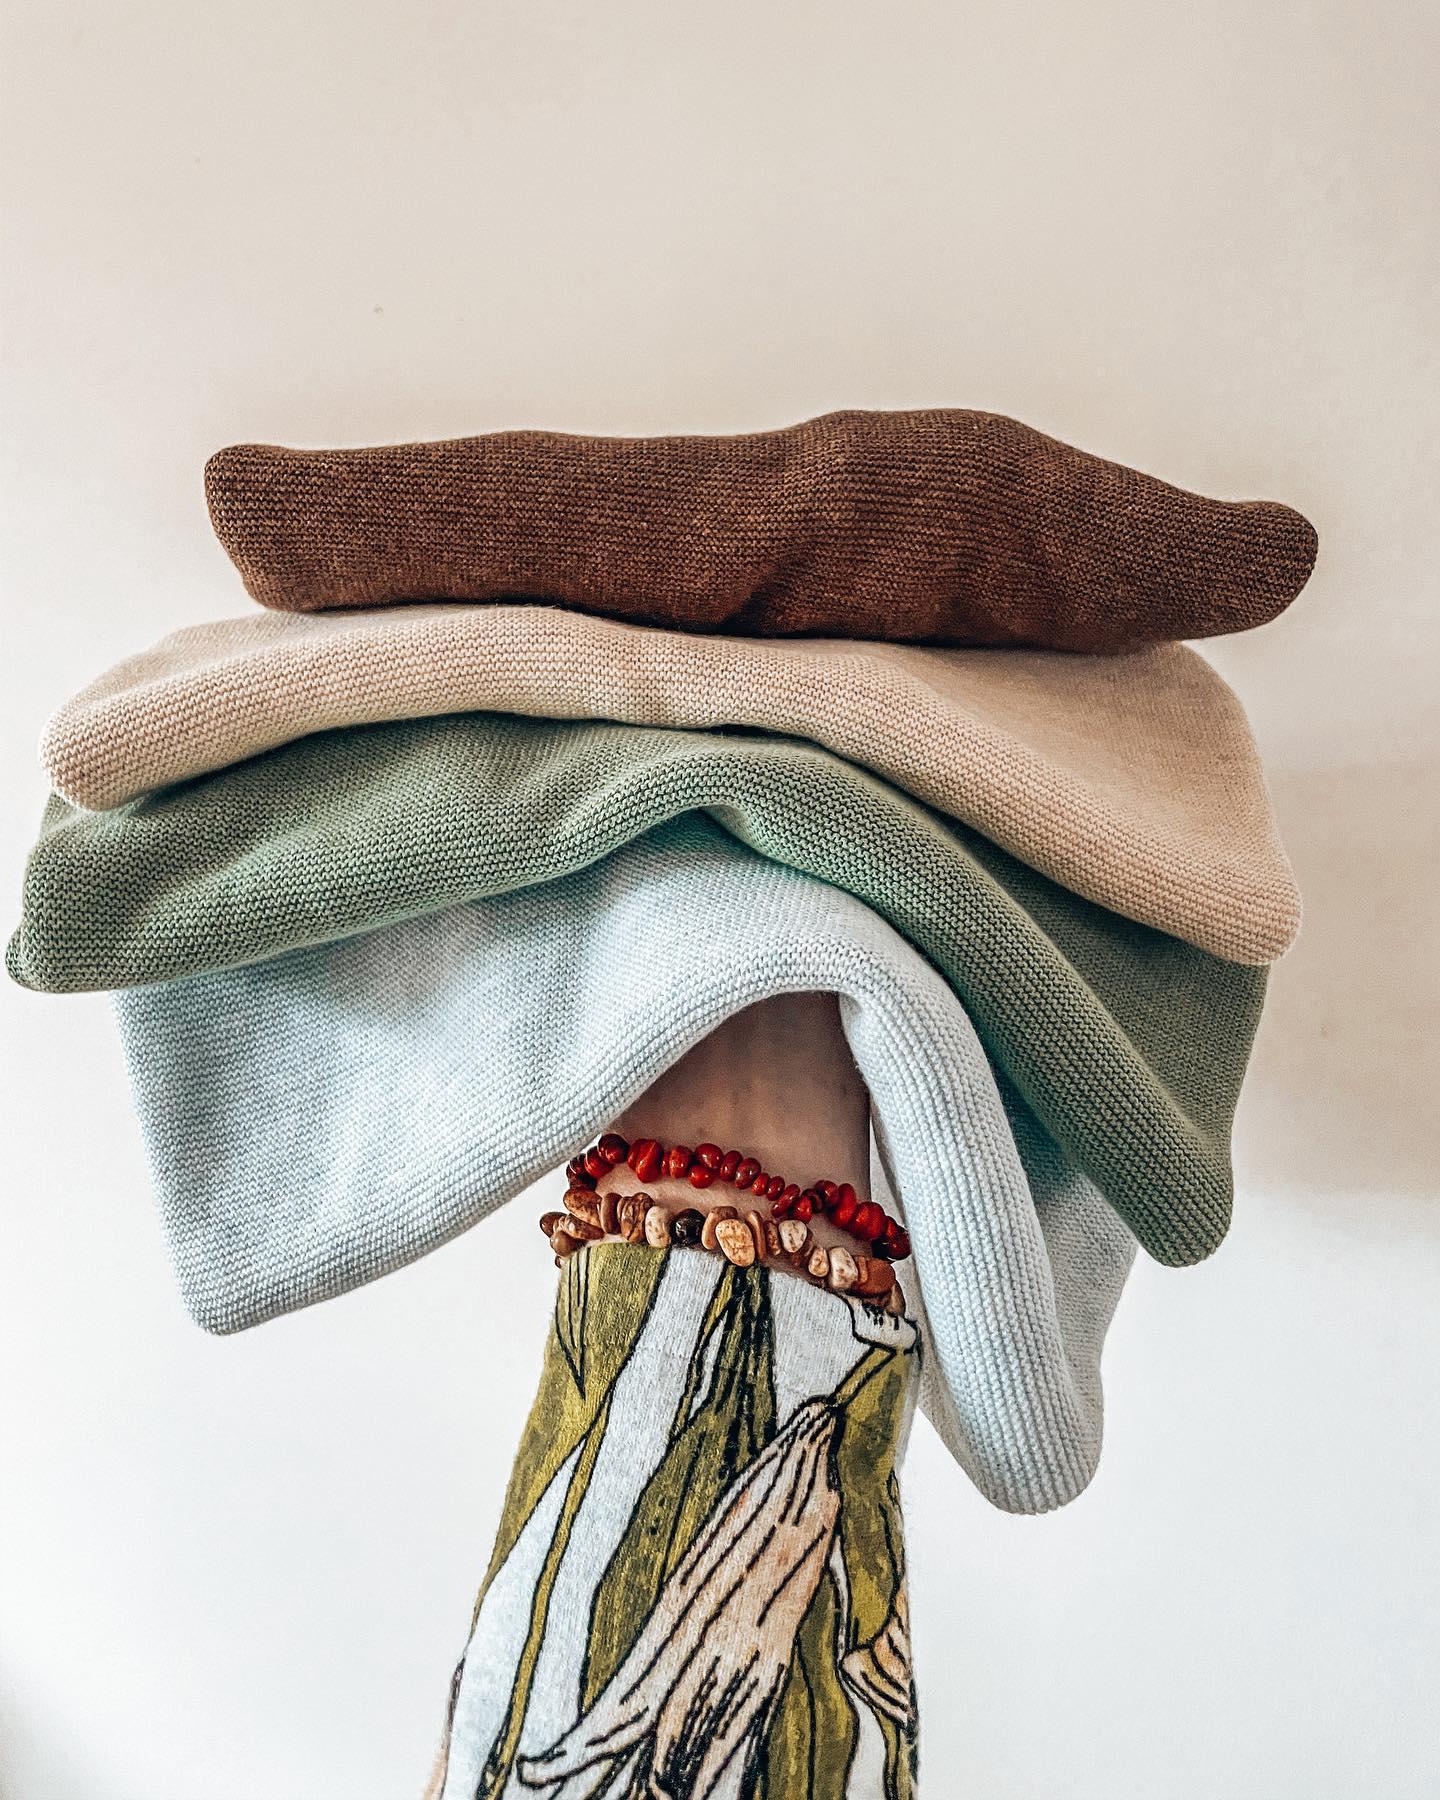 Bloomings kleding